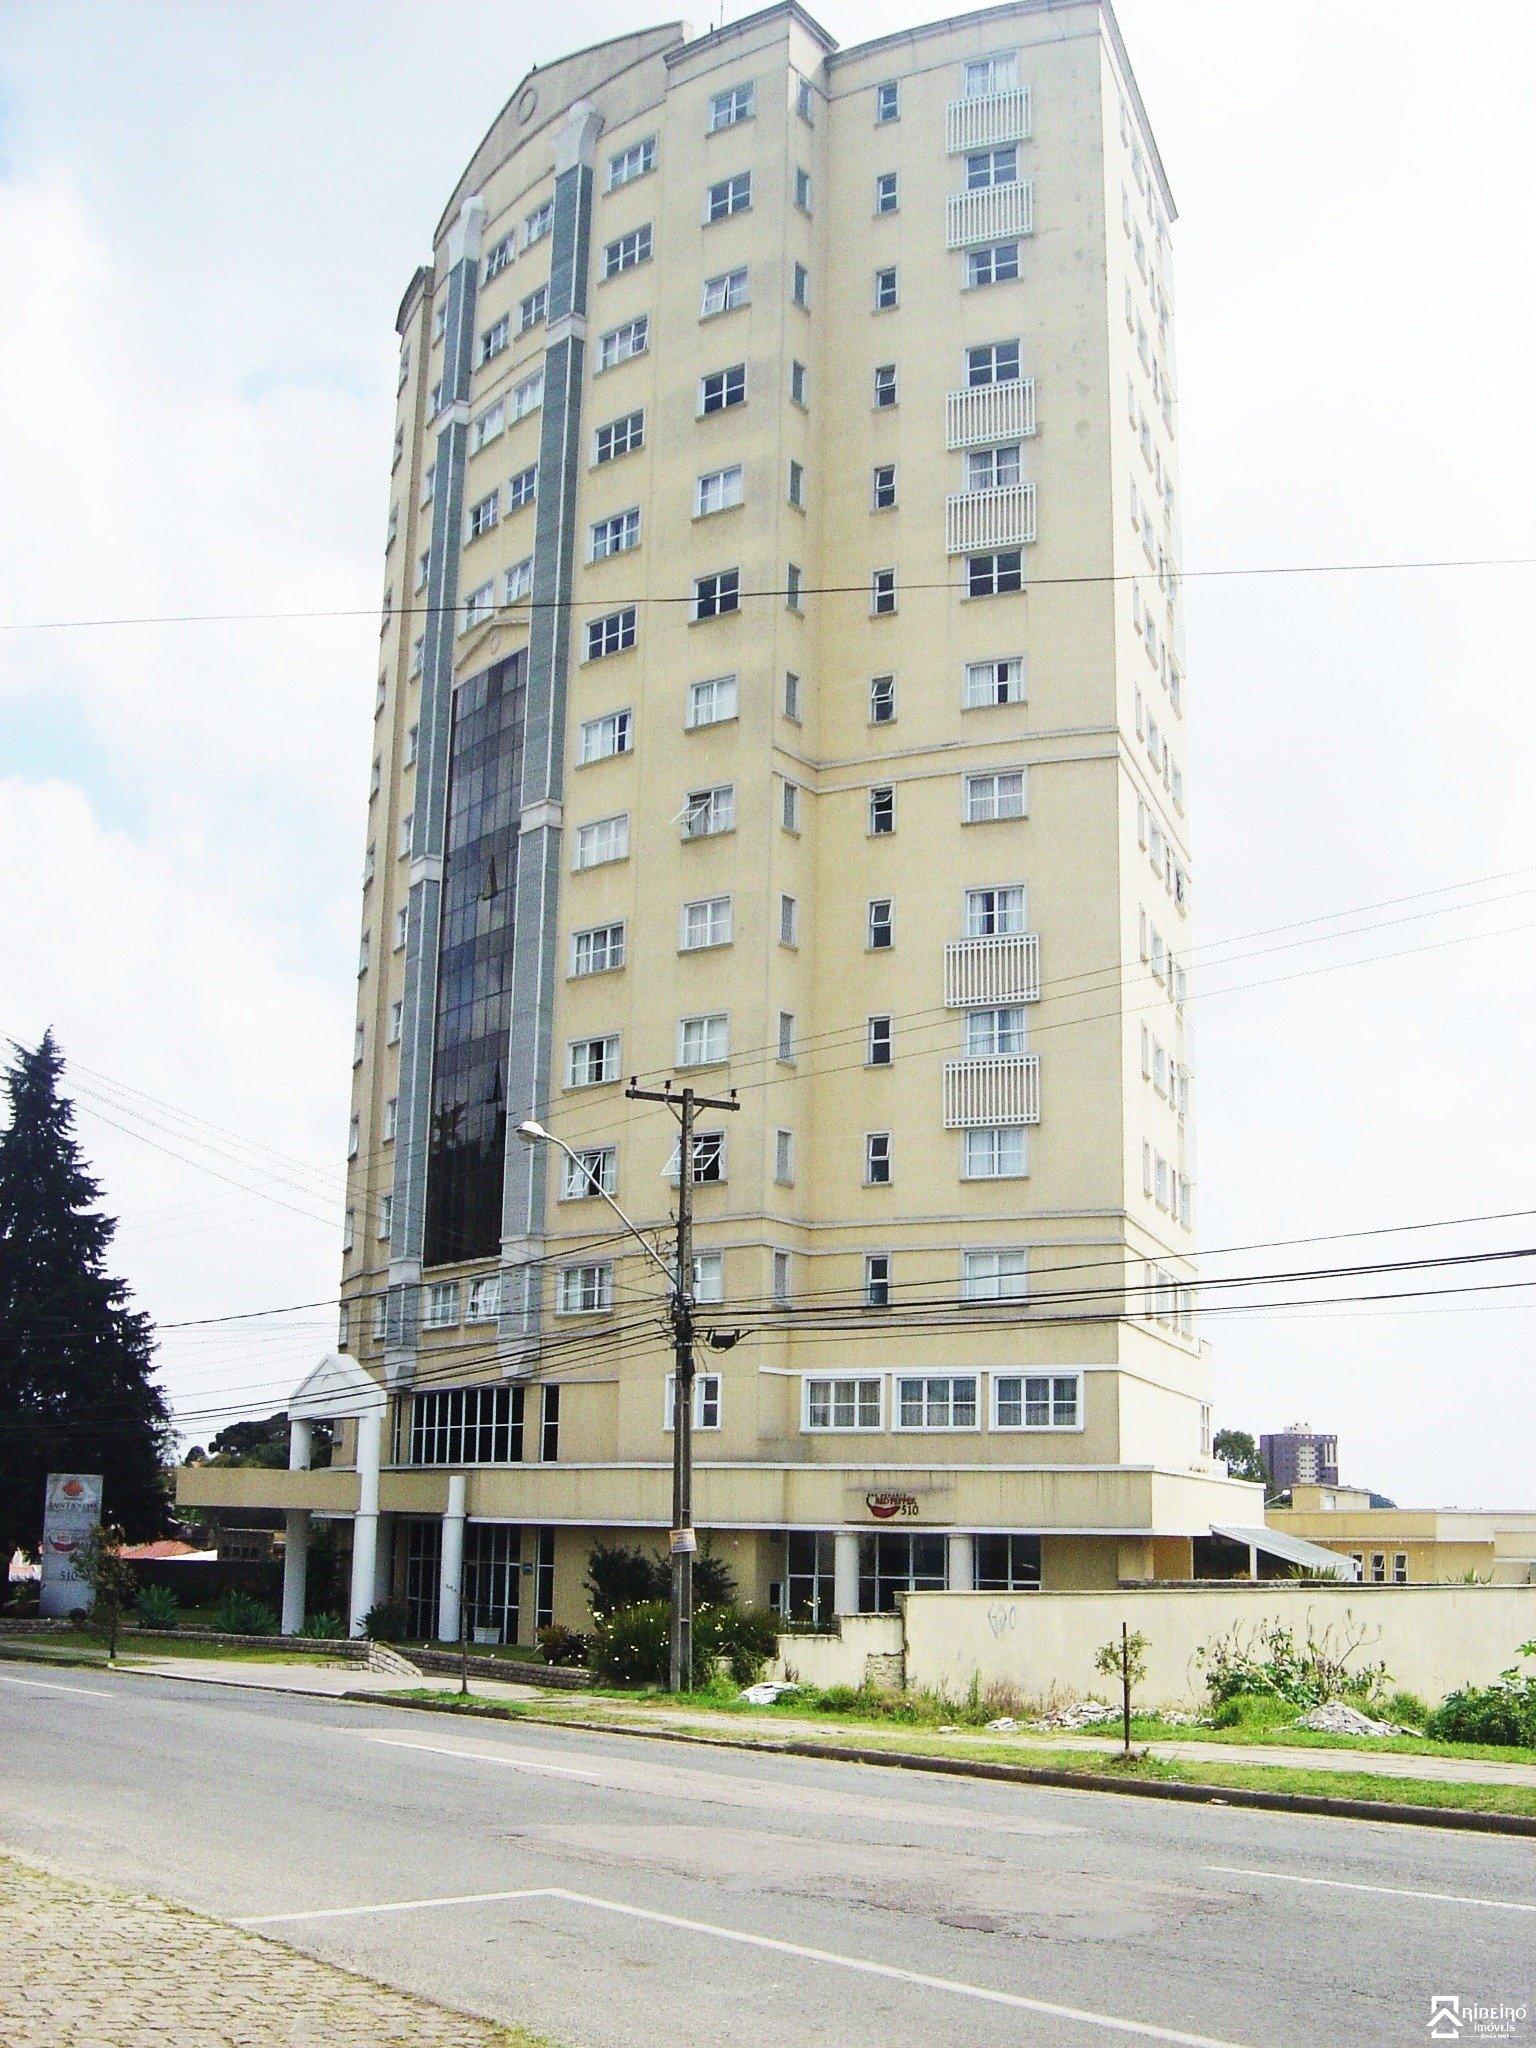 REF. 144 -  São José Dos Pinhais - Rua  Doutor Claudino Dos Santos, 510 - Apto 21